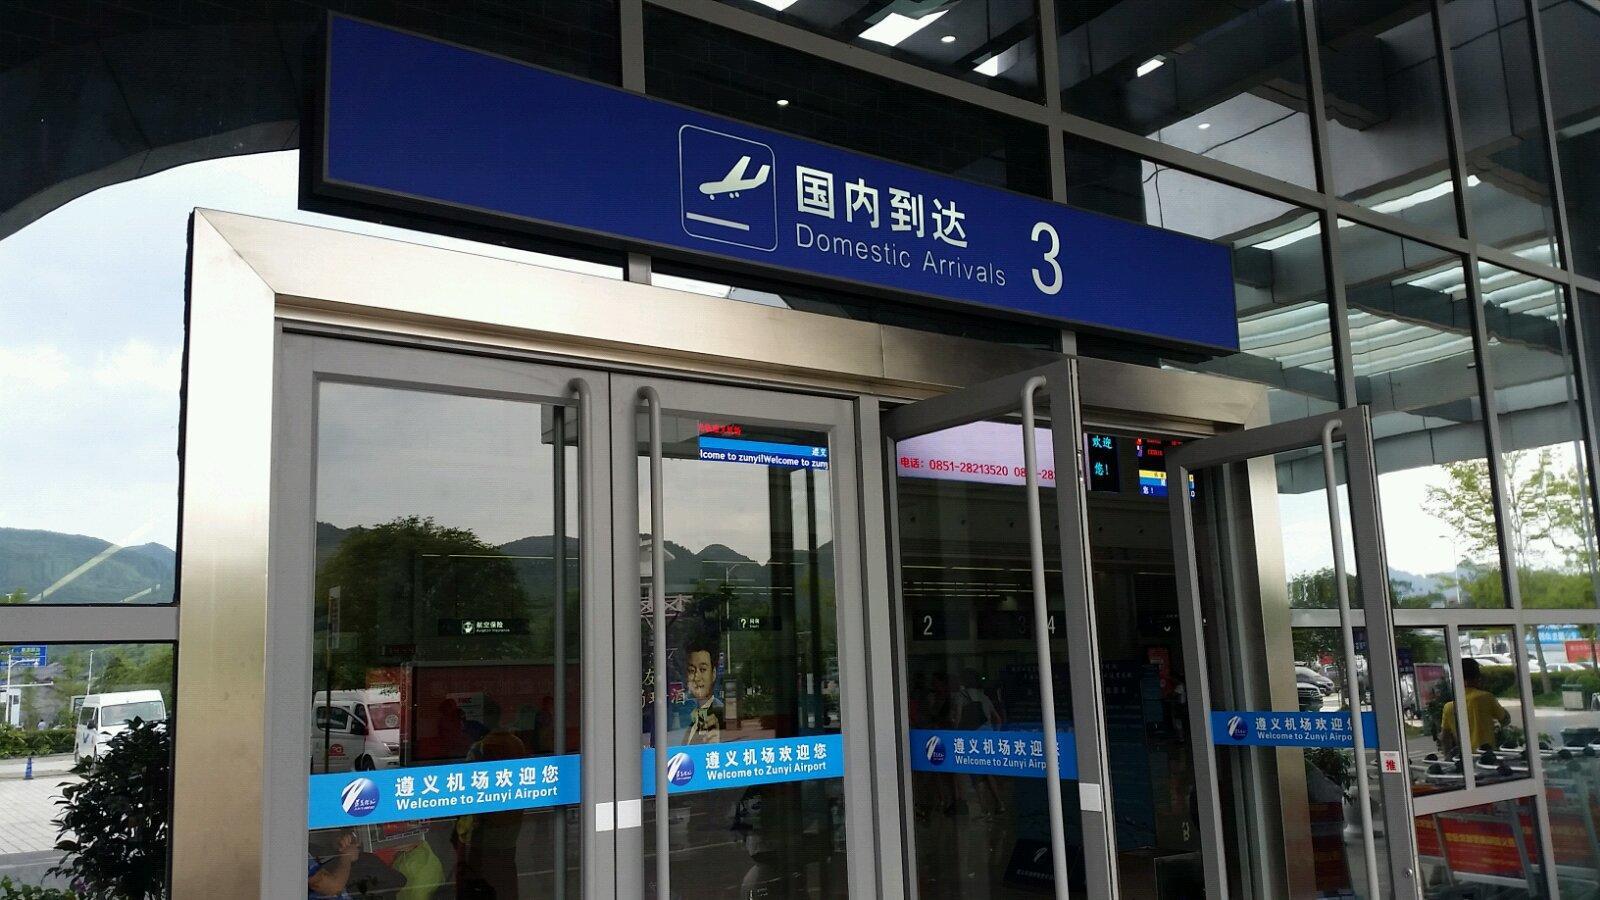 7月28日乘飞机抵达西安